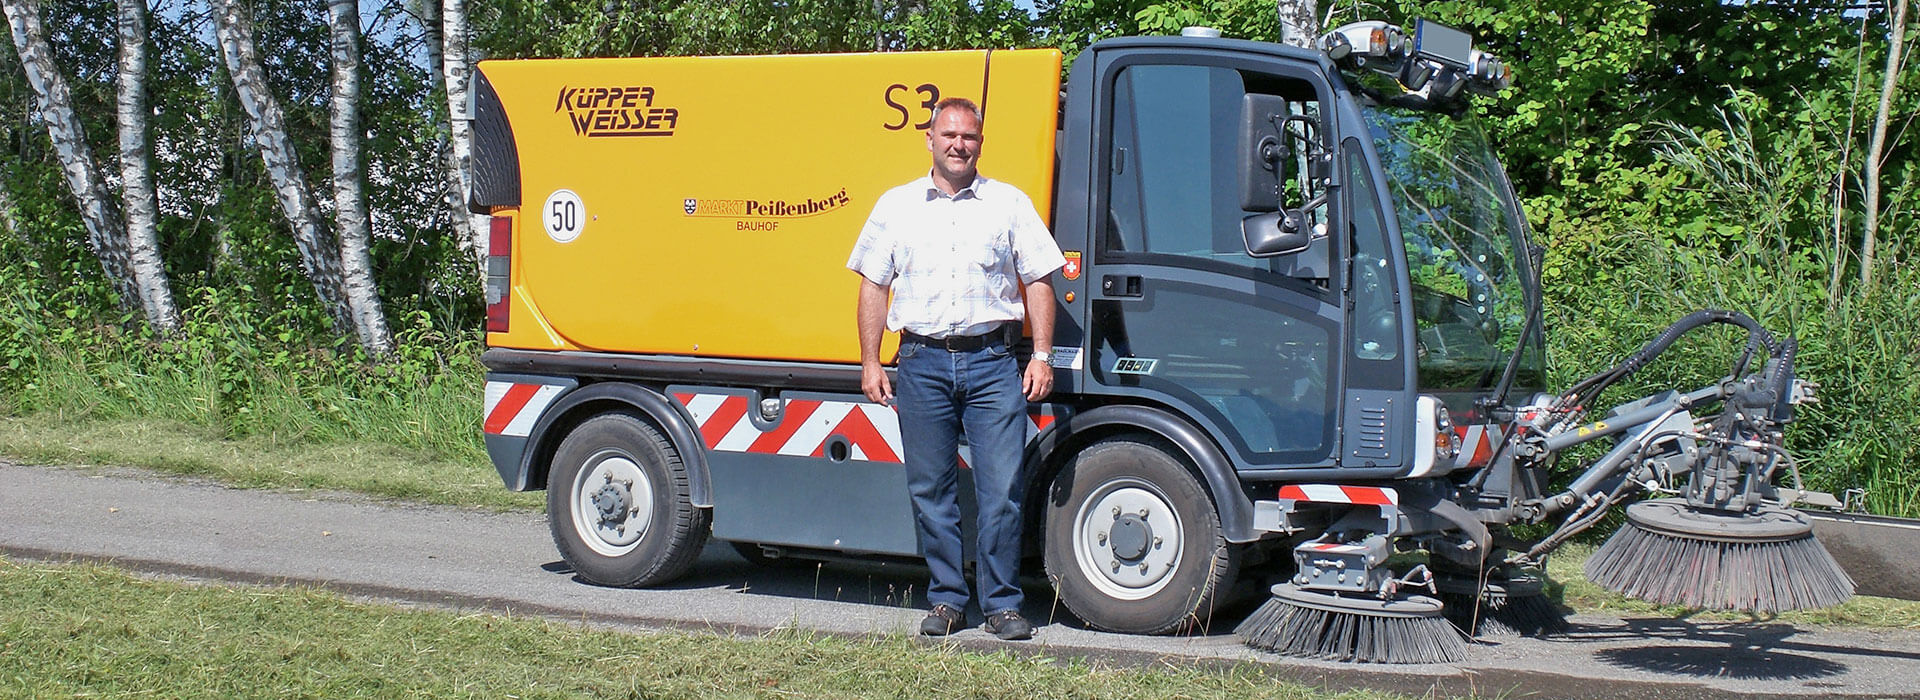 Bauhofleiter Roman Bals und die Kupper Weisser S3 von Radlmaier